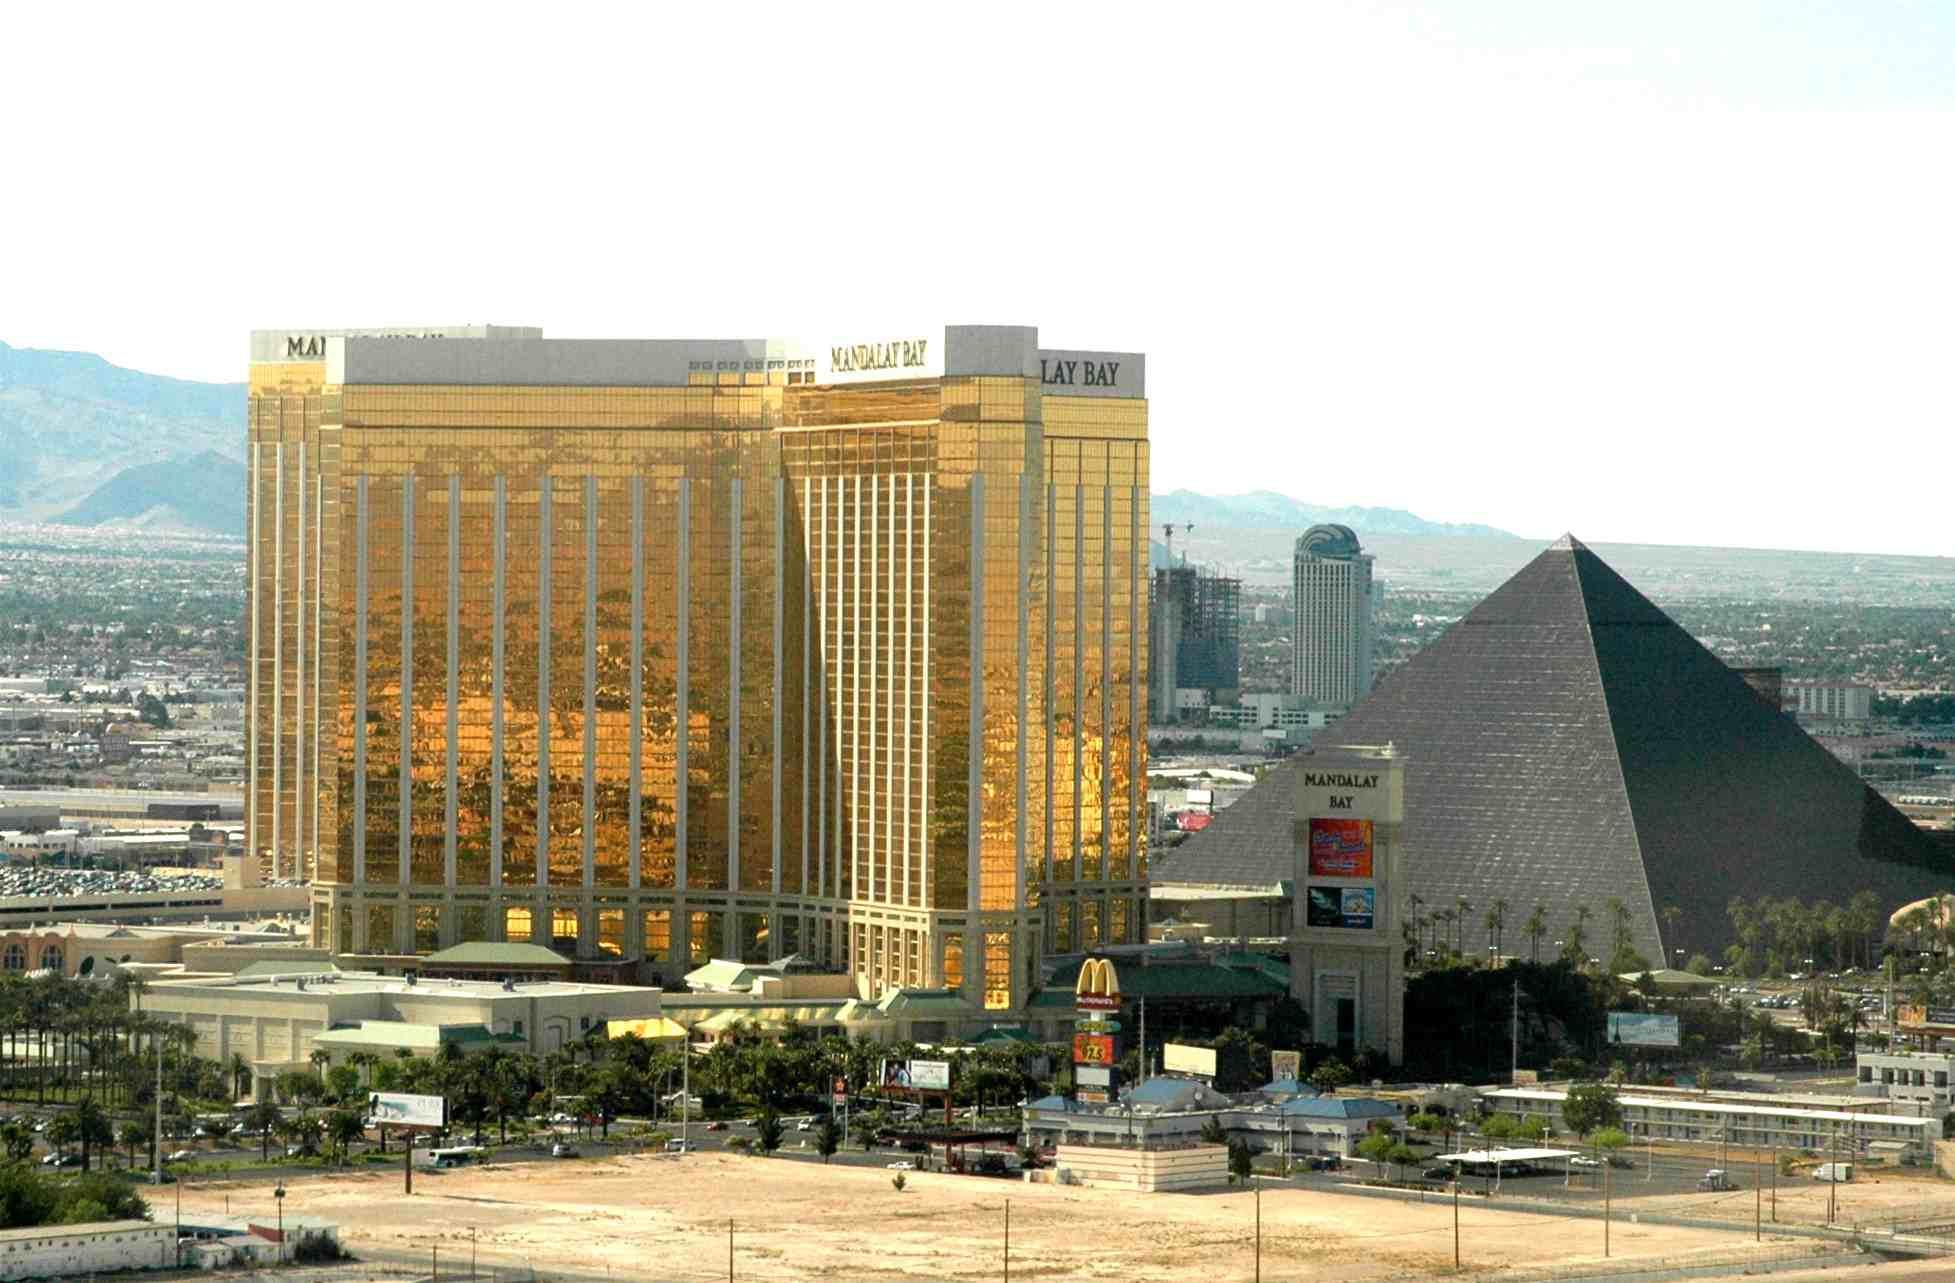 Mandalay Hotel Vegas